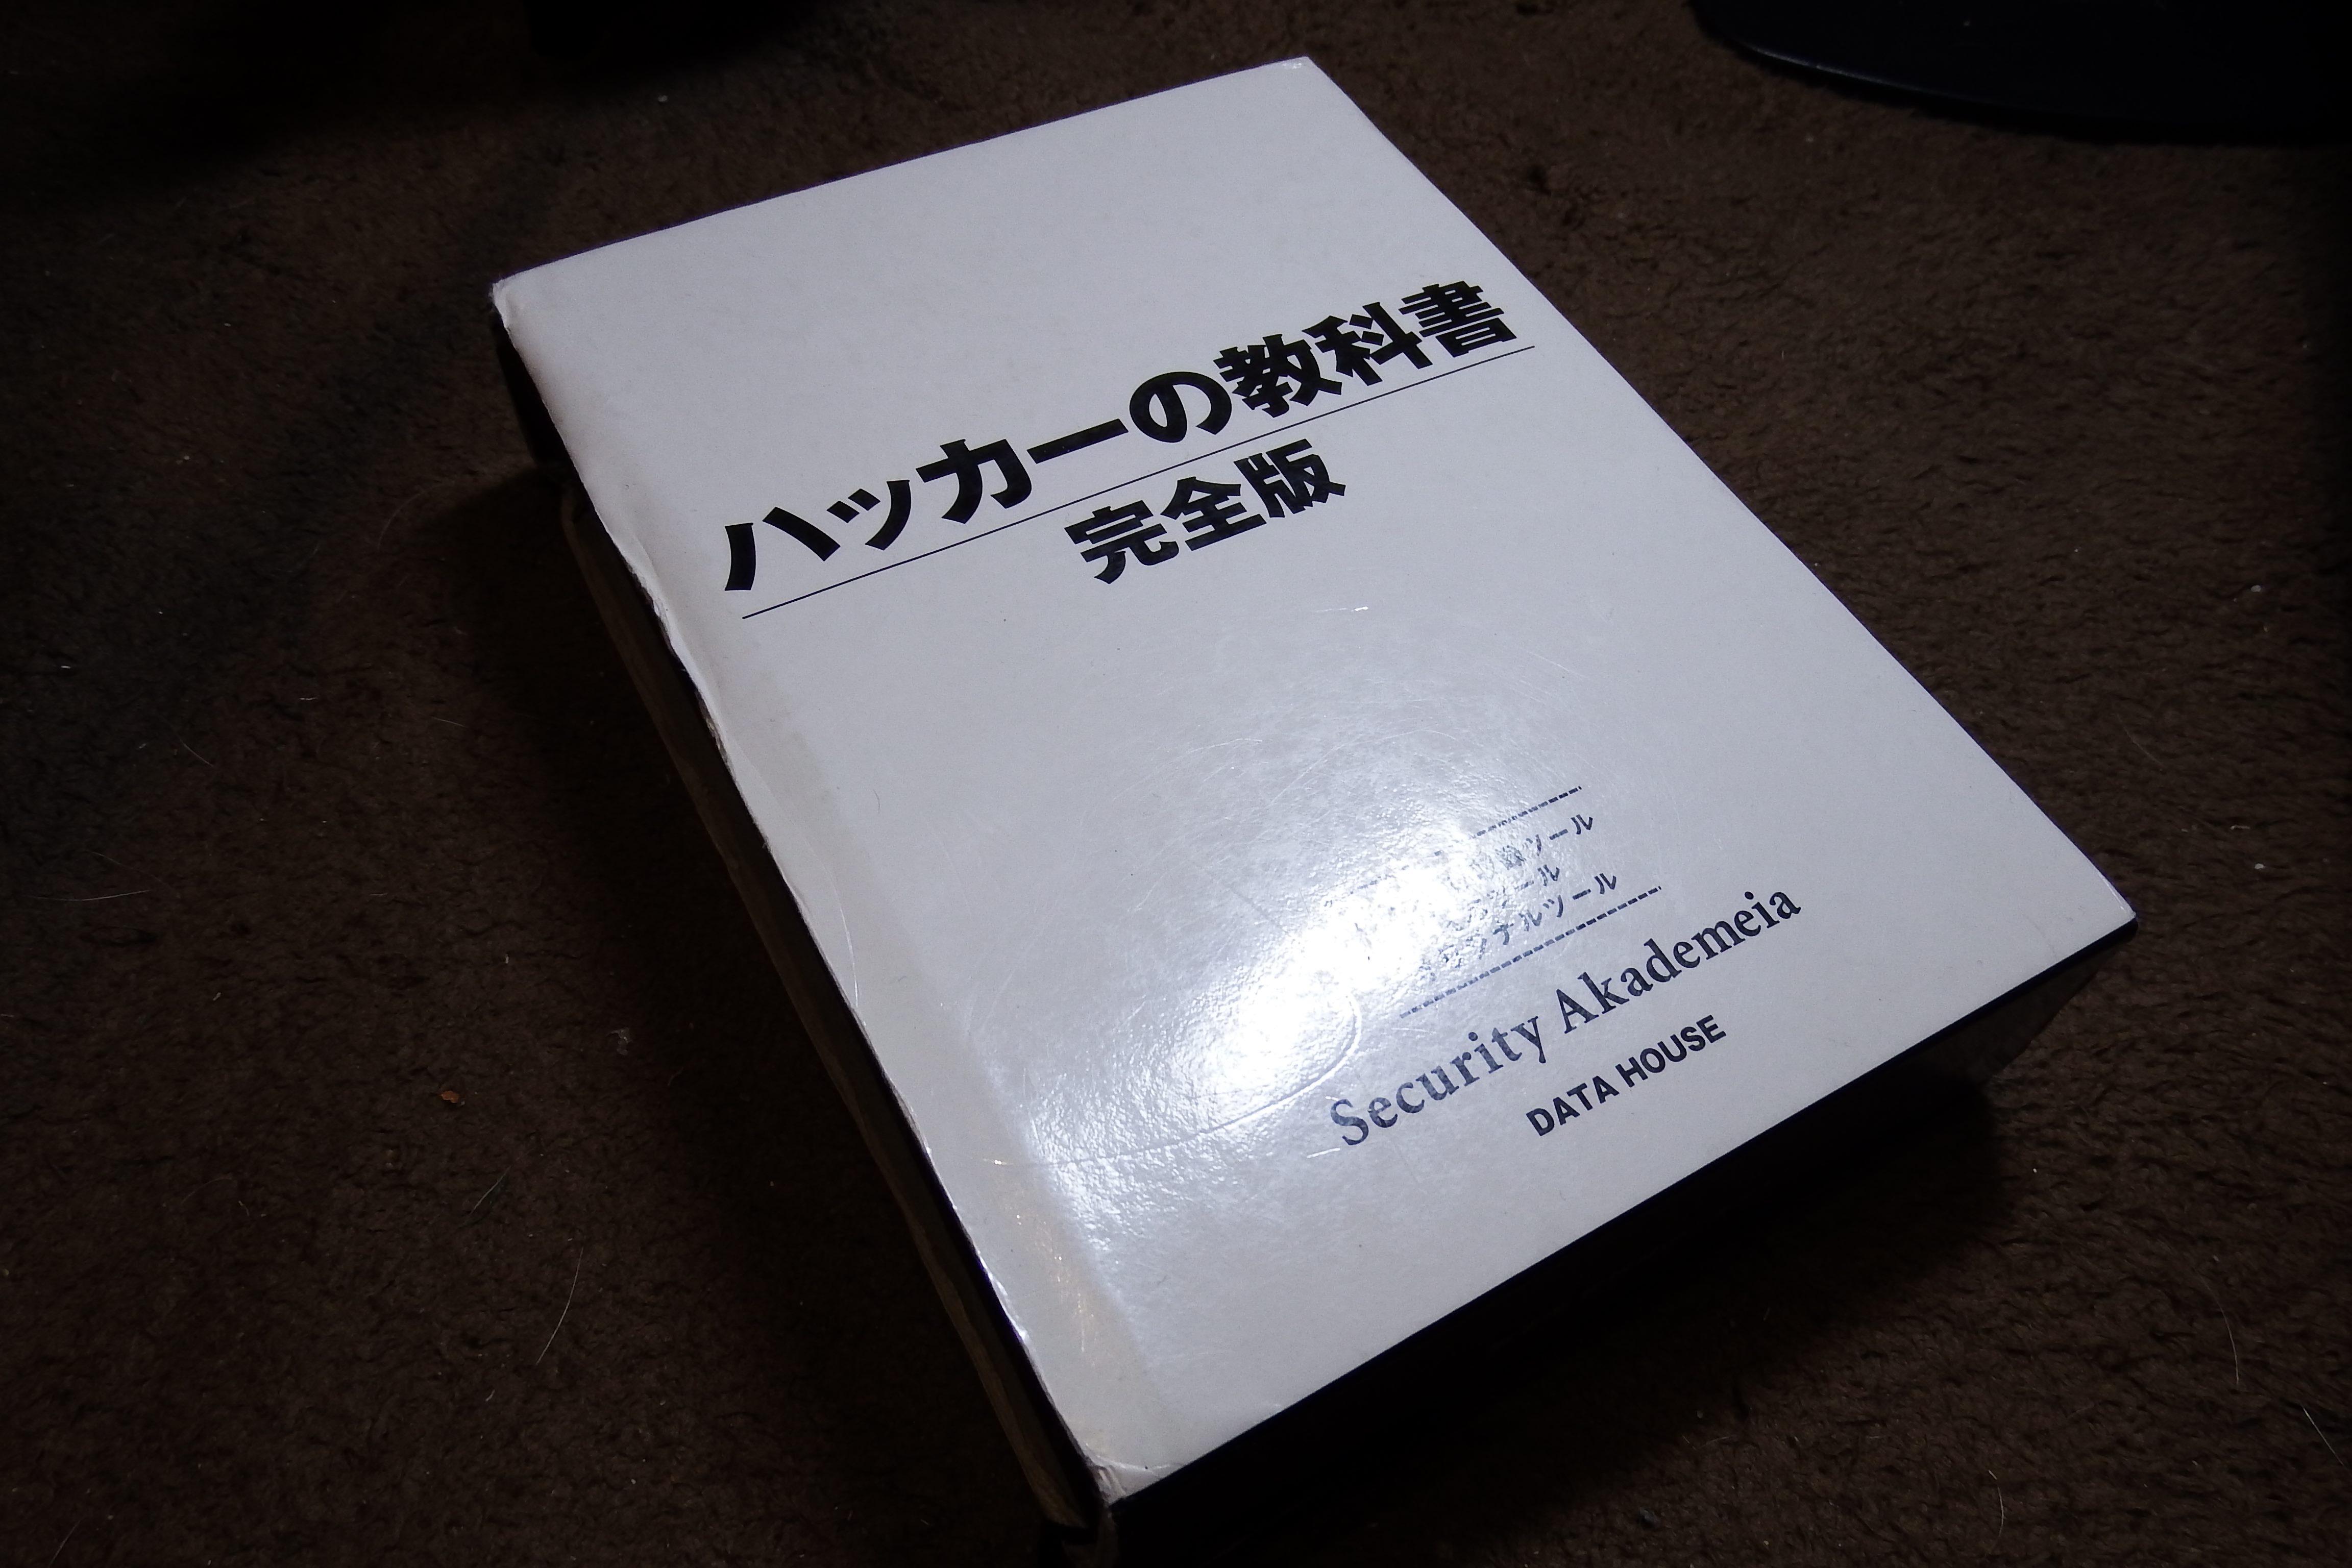 ハッカーの教科書